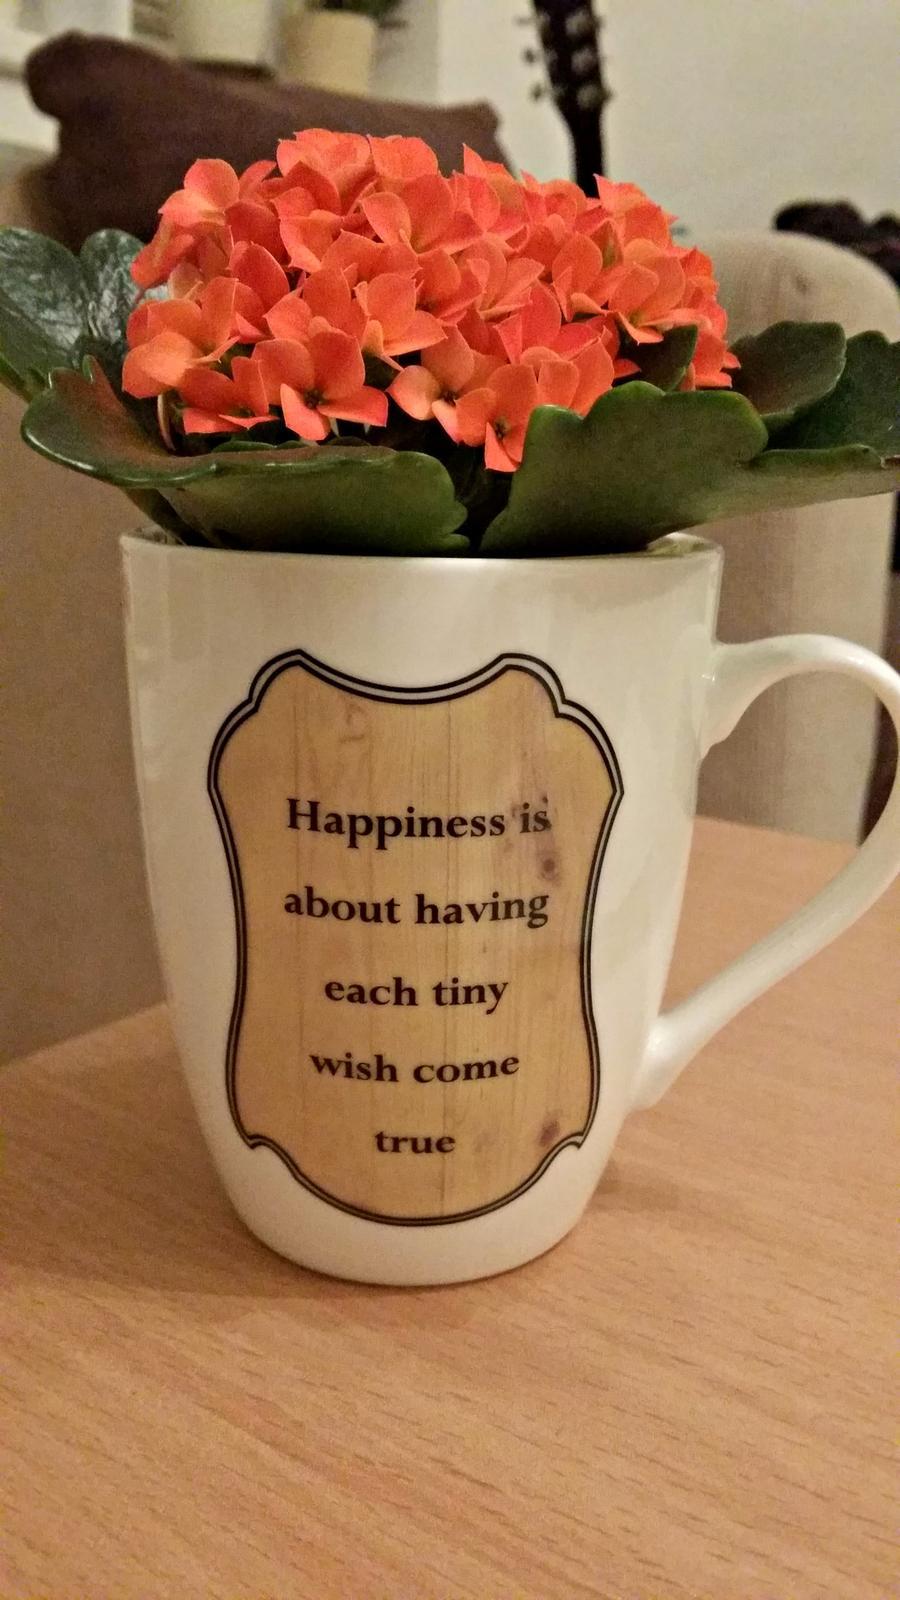 Hrnecky na dekoraciu,ako vazicky, kvetinac atd. - Obrázok č. 1